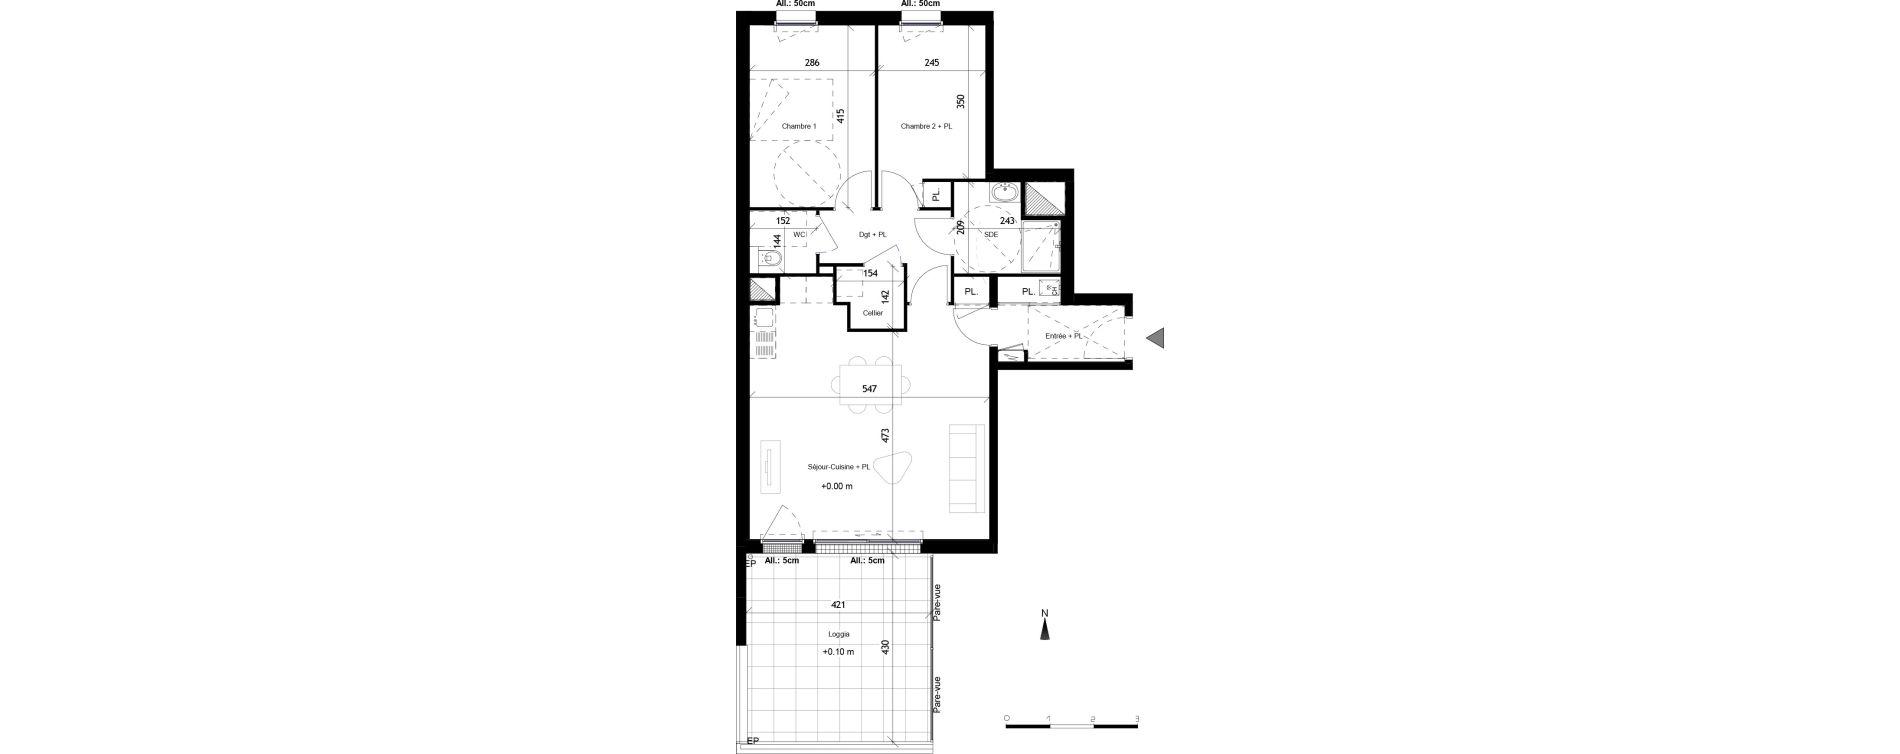 Appartement T3 de 68,66 m2 à Vannes Nord - gare